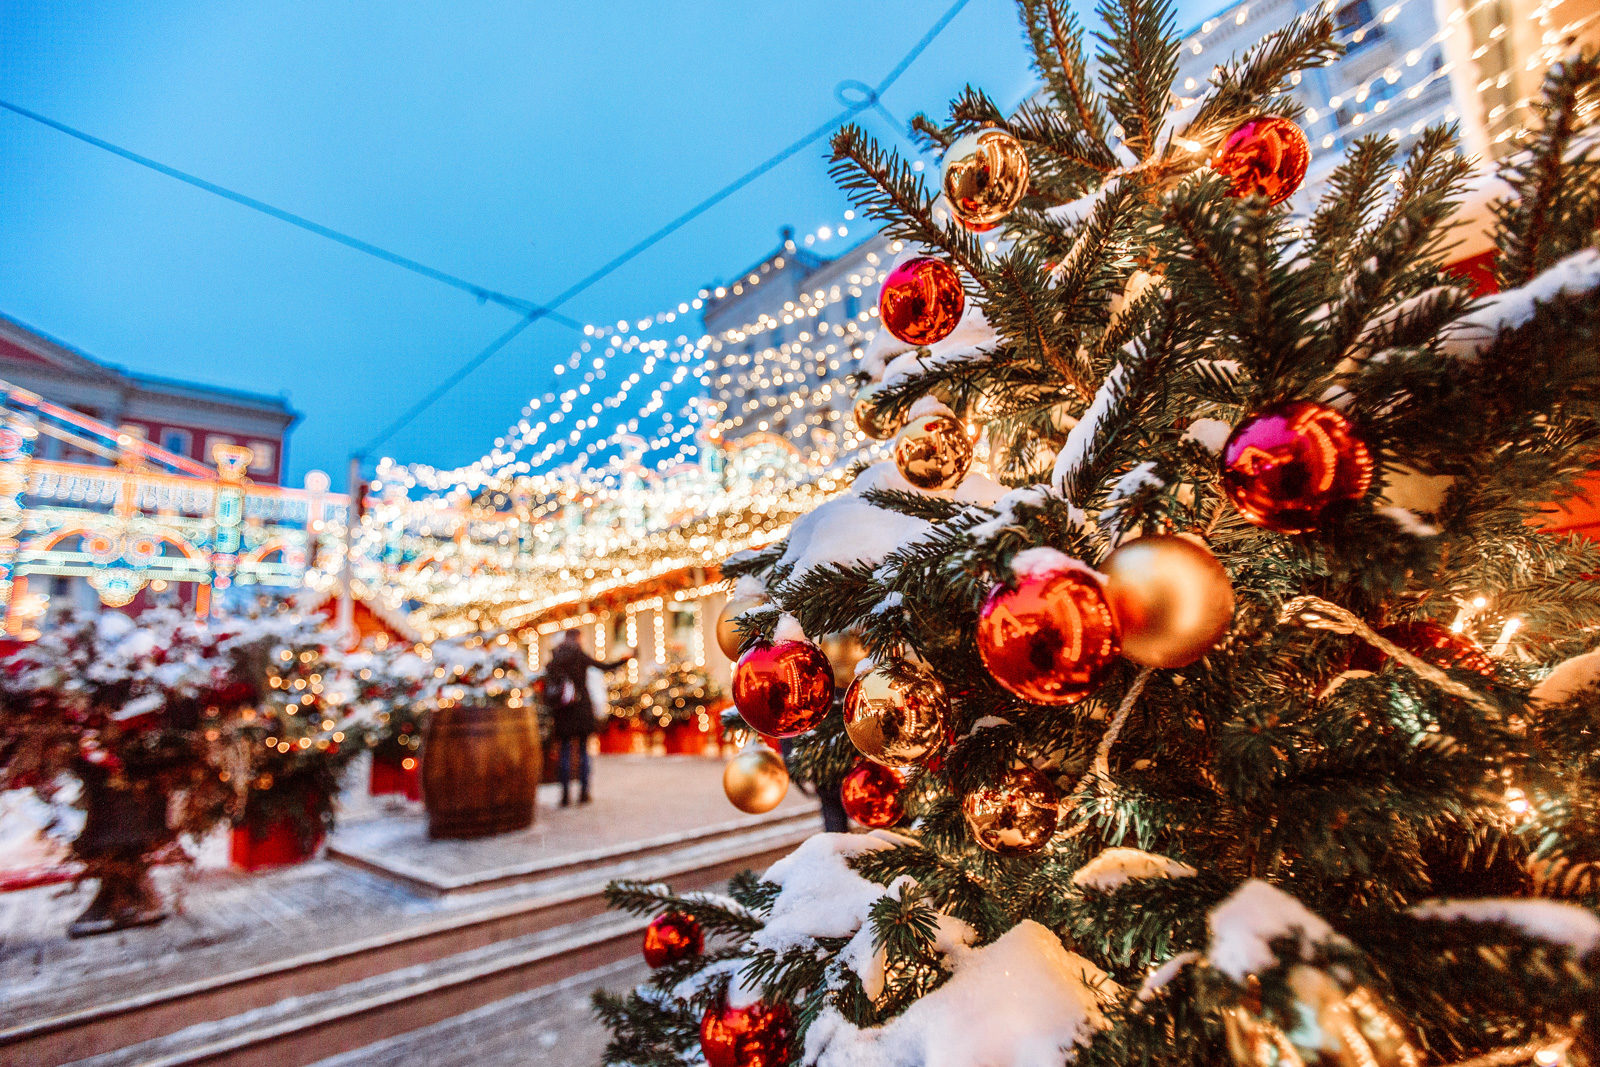 Фестиваль «Путешествие в Рождество» – события на сайте «Московские Сезоны»